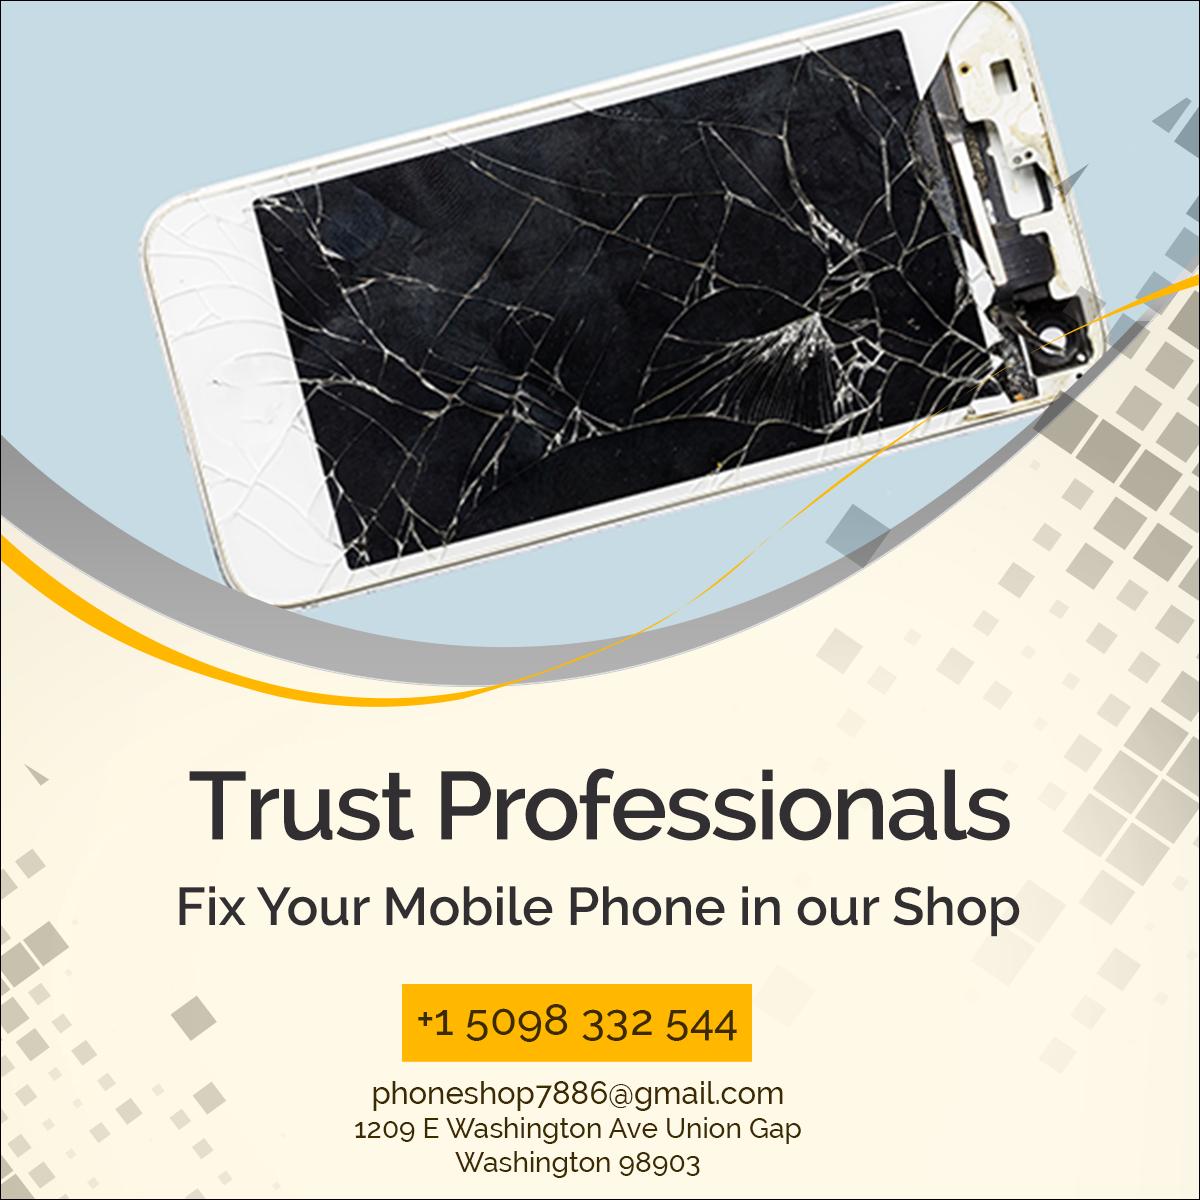 Trust Professionals Phone Repair Phone Shop Mobile Phone Repair